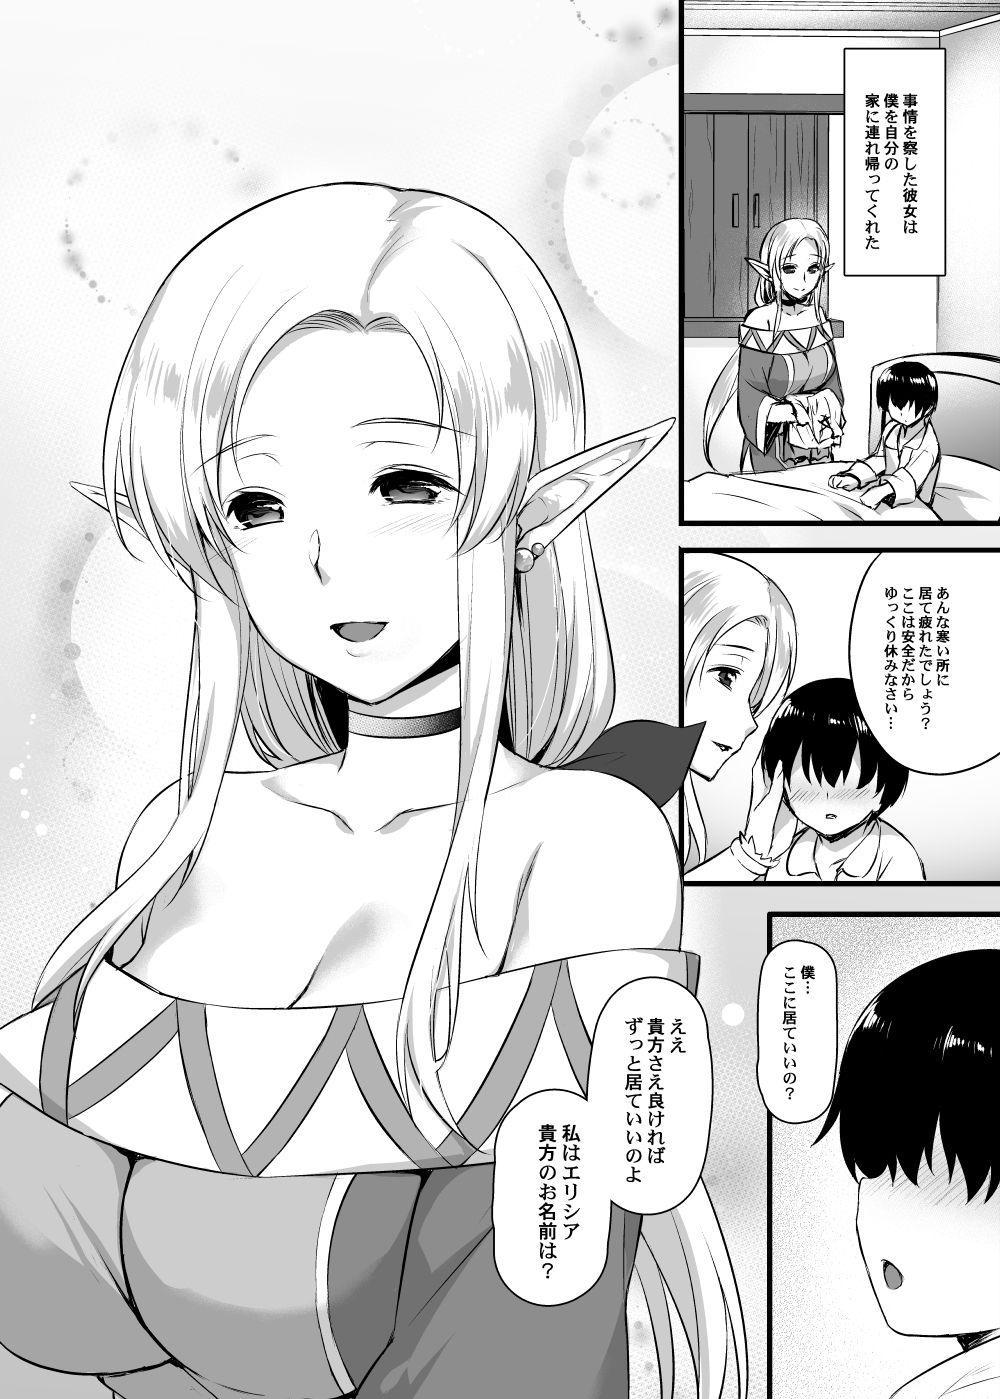 Elf no Okaa-san 2